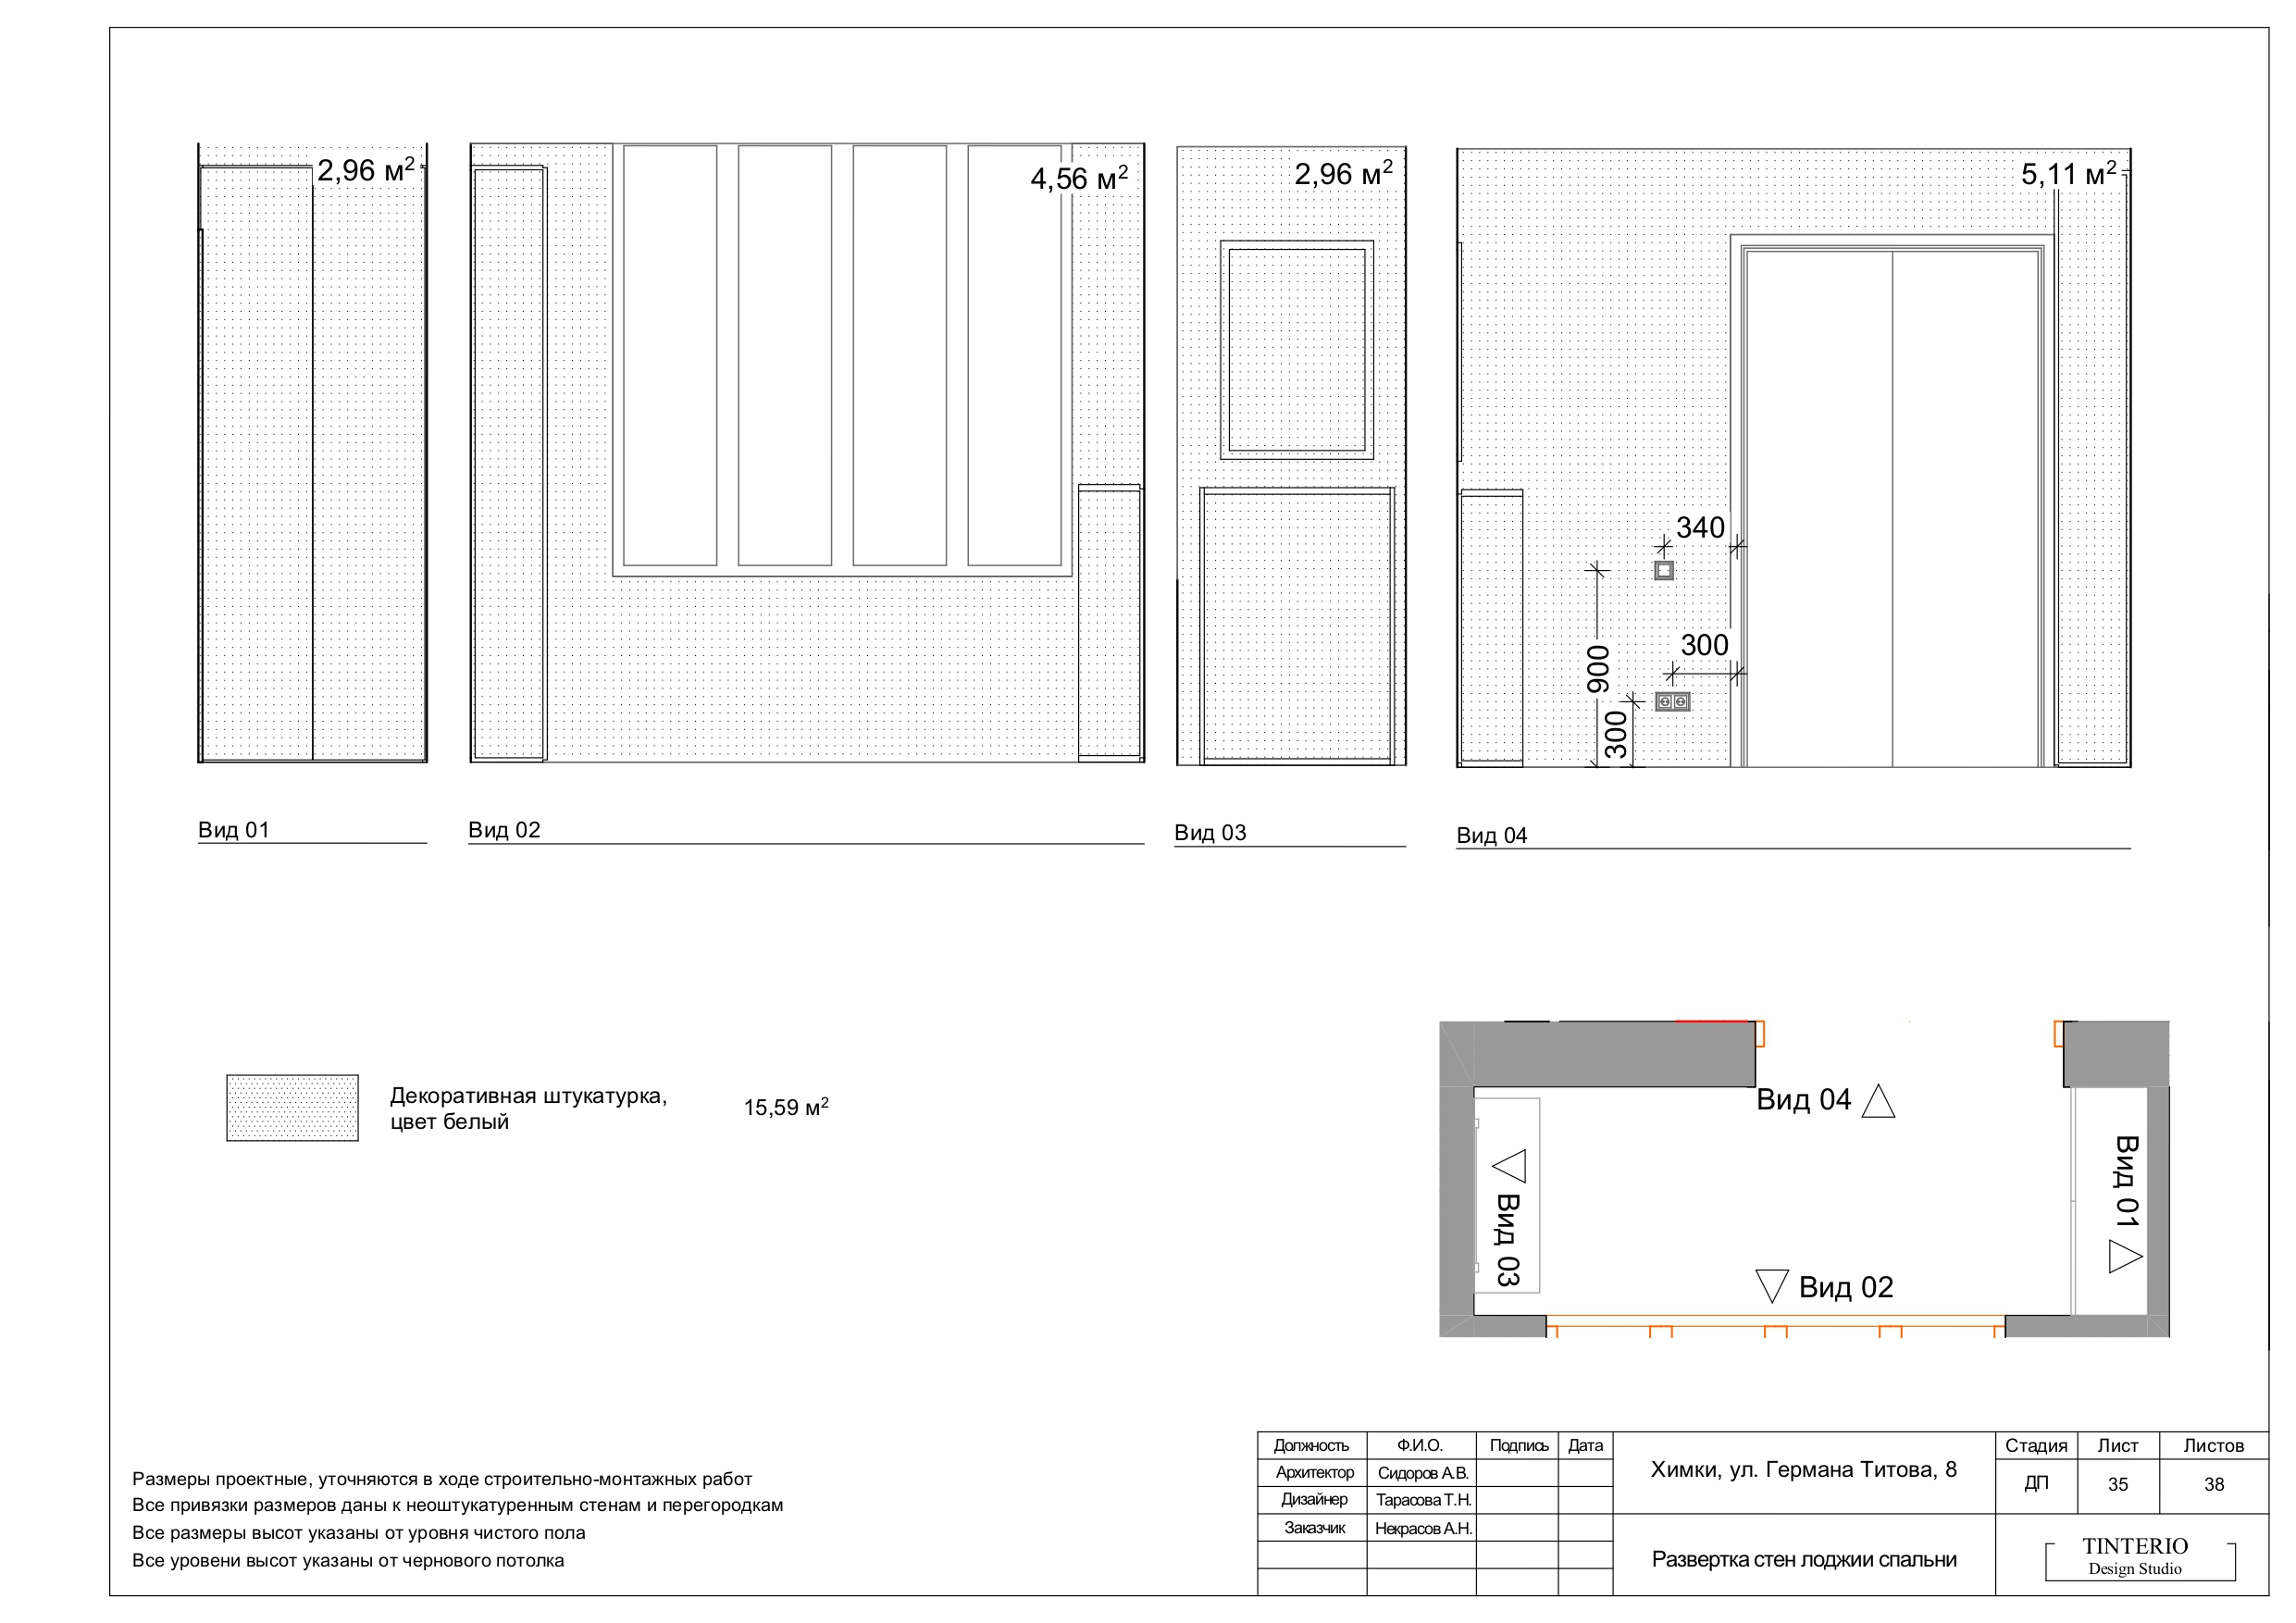 Пример проекта_page-0036